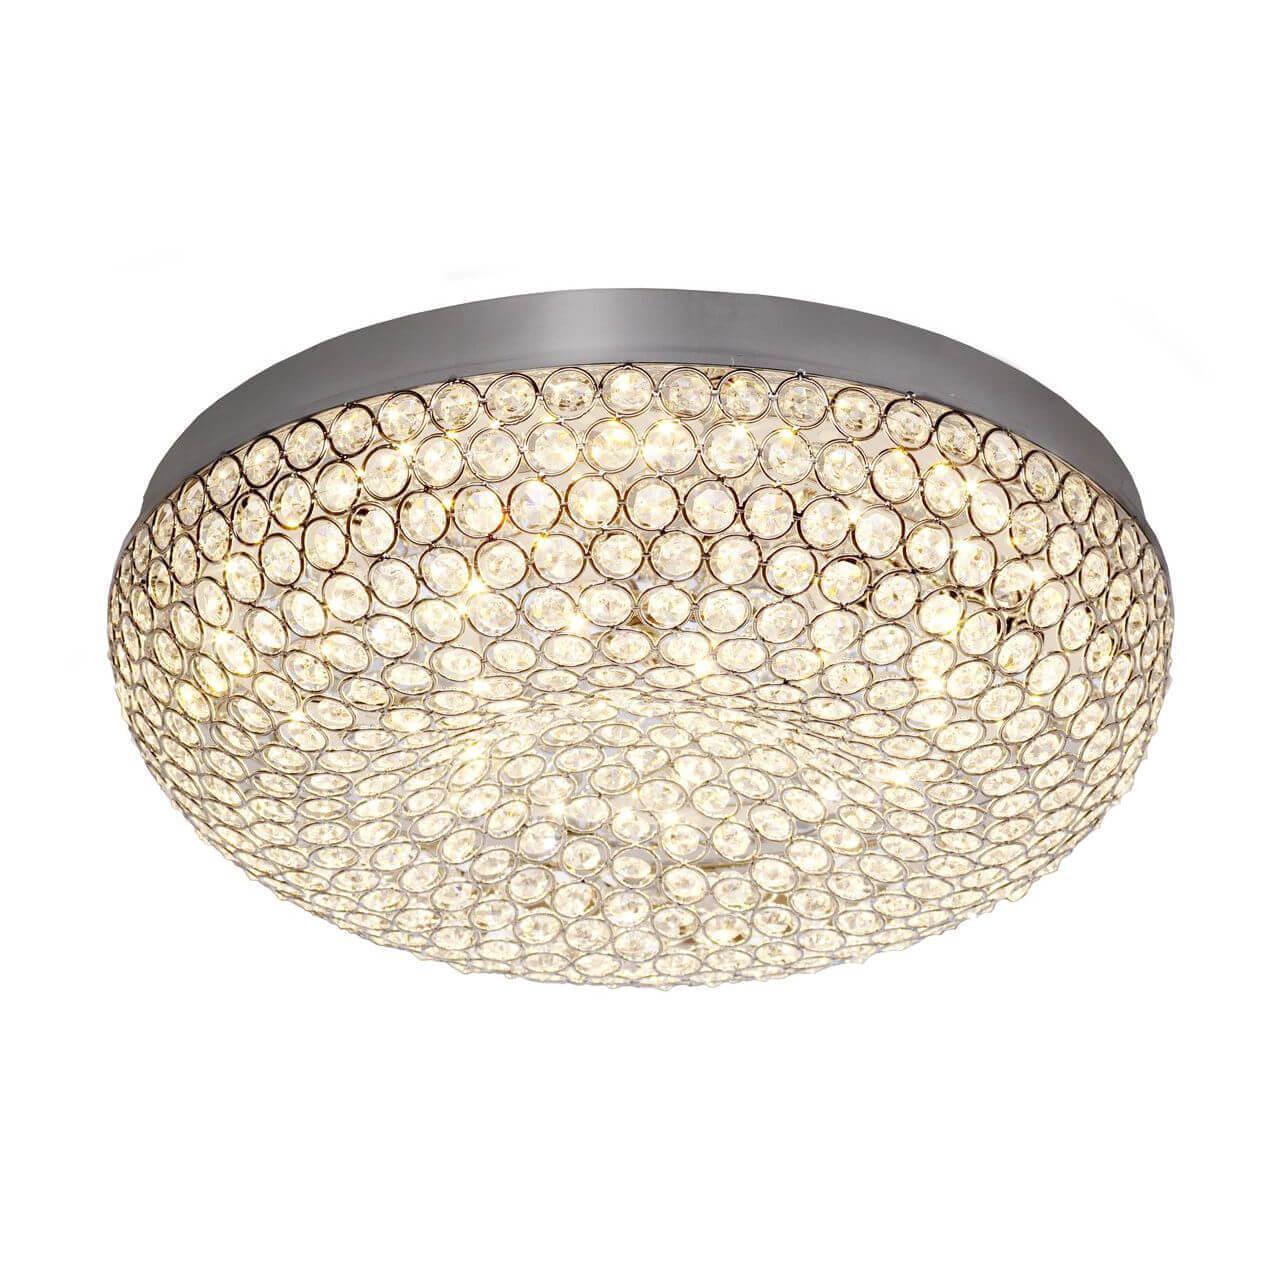 Потолочный светодиодный светильник Silver Light Status 841.42.7 silver light потолочный светодиодный светильник silver light status 841 42 7